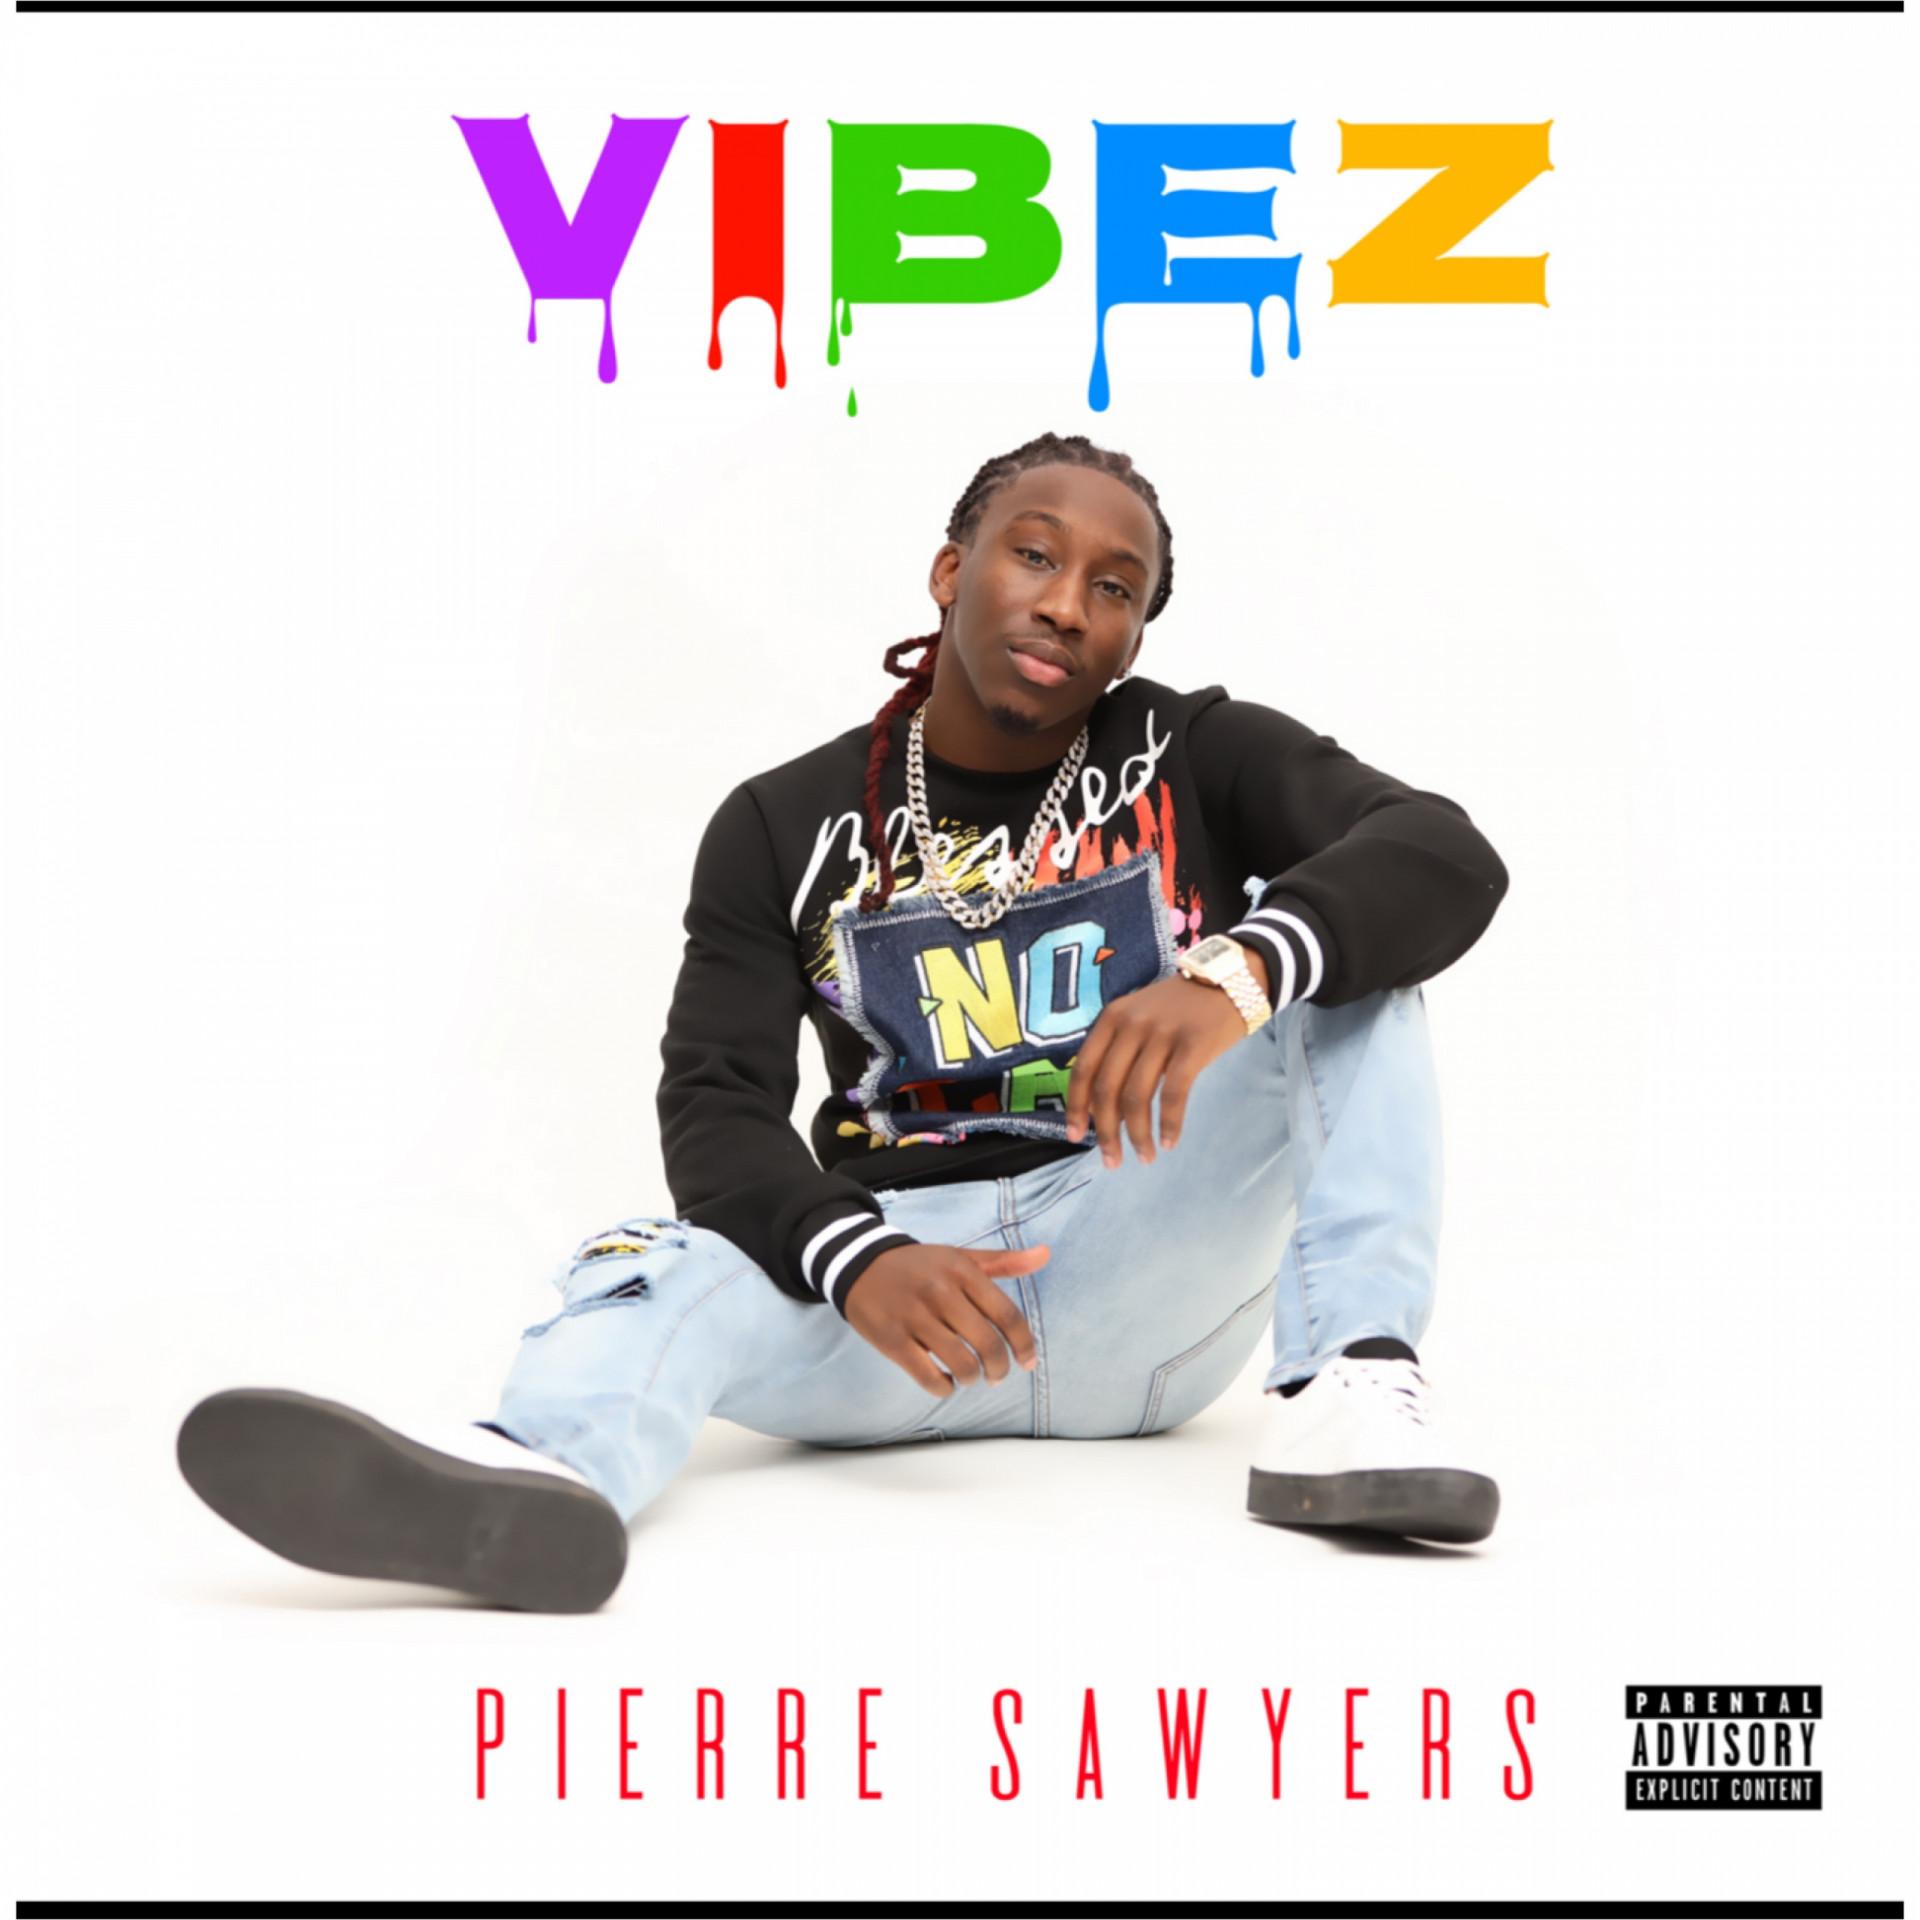 Pierre Sawyers